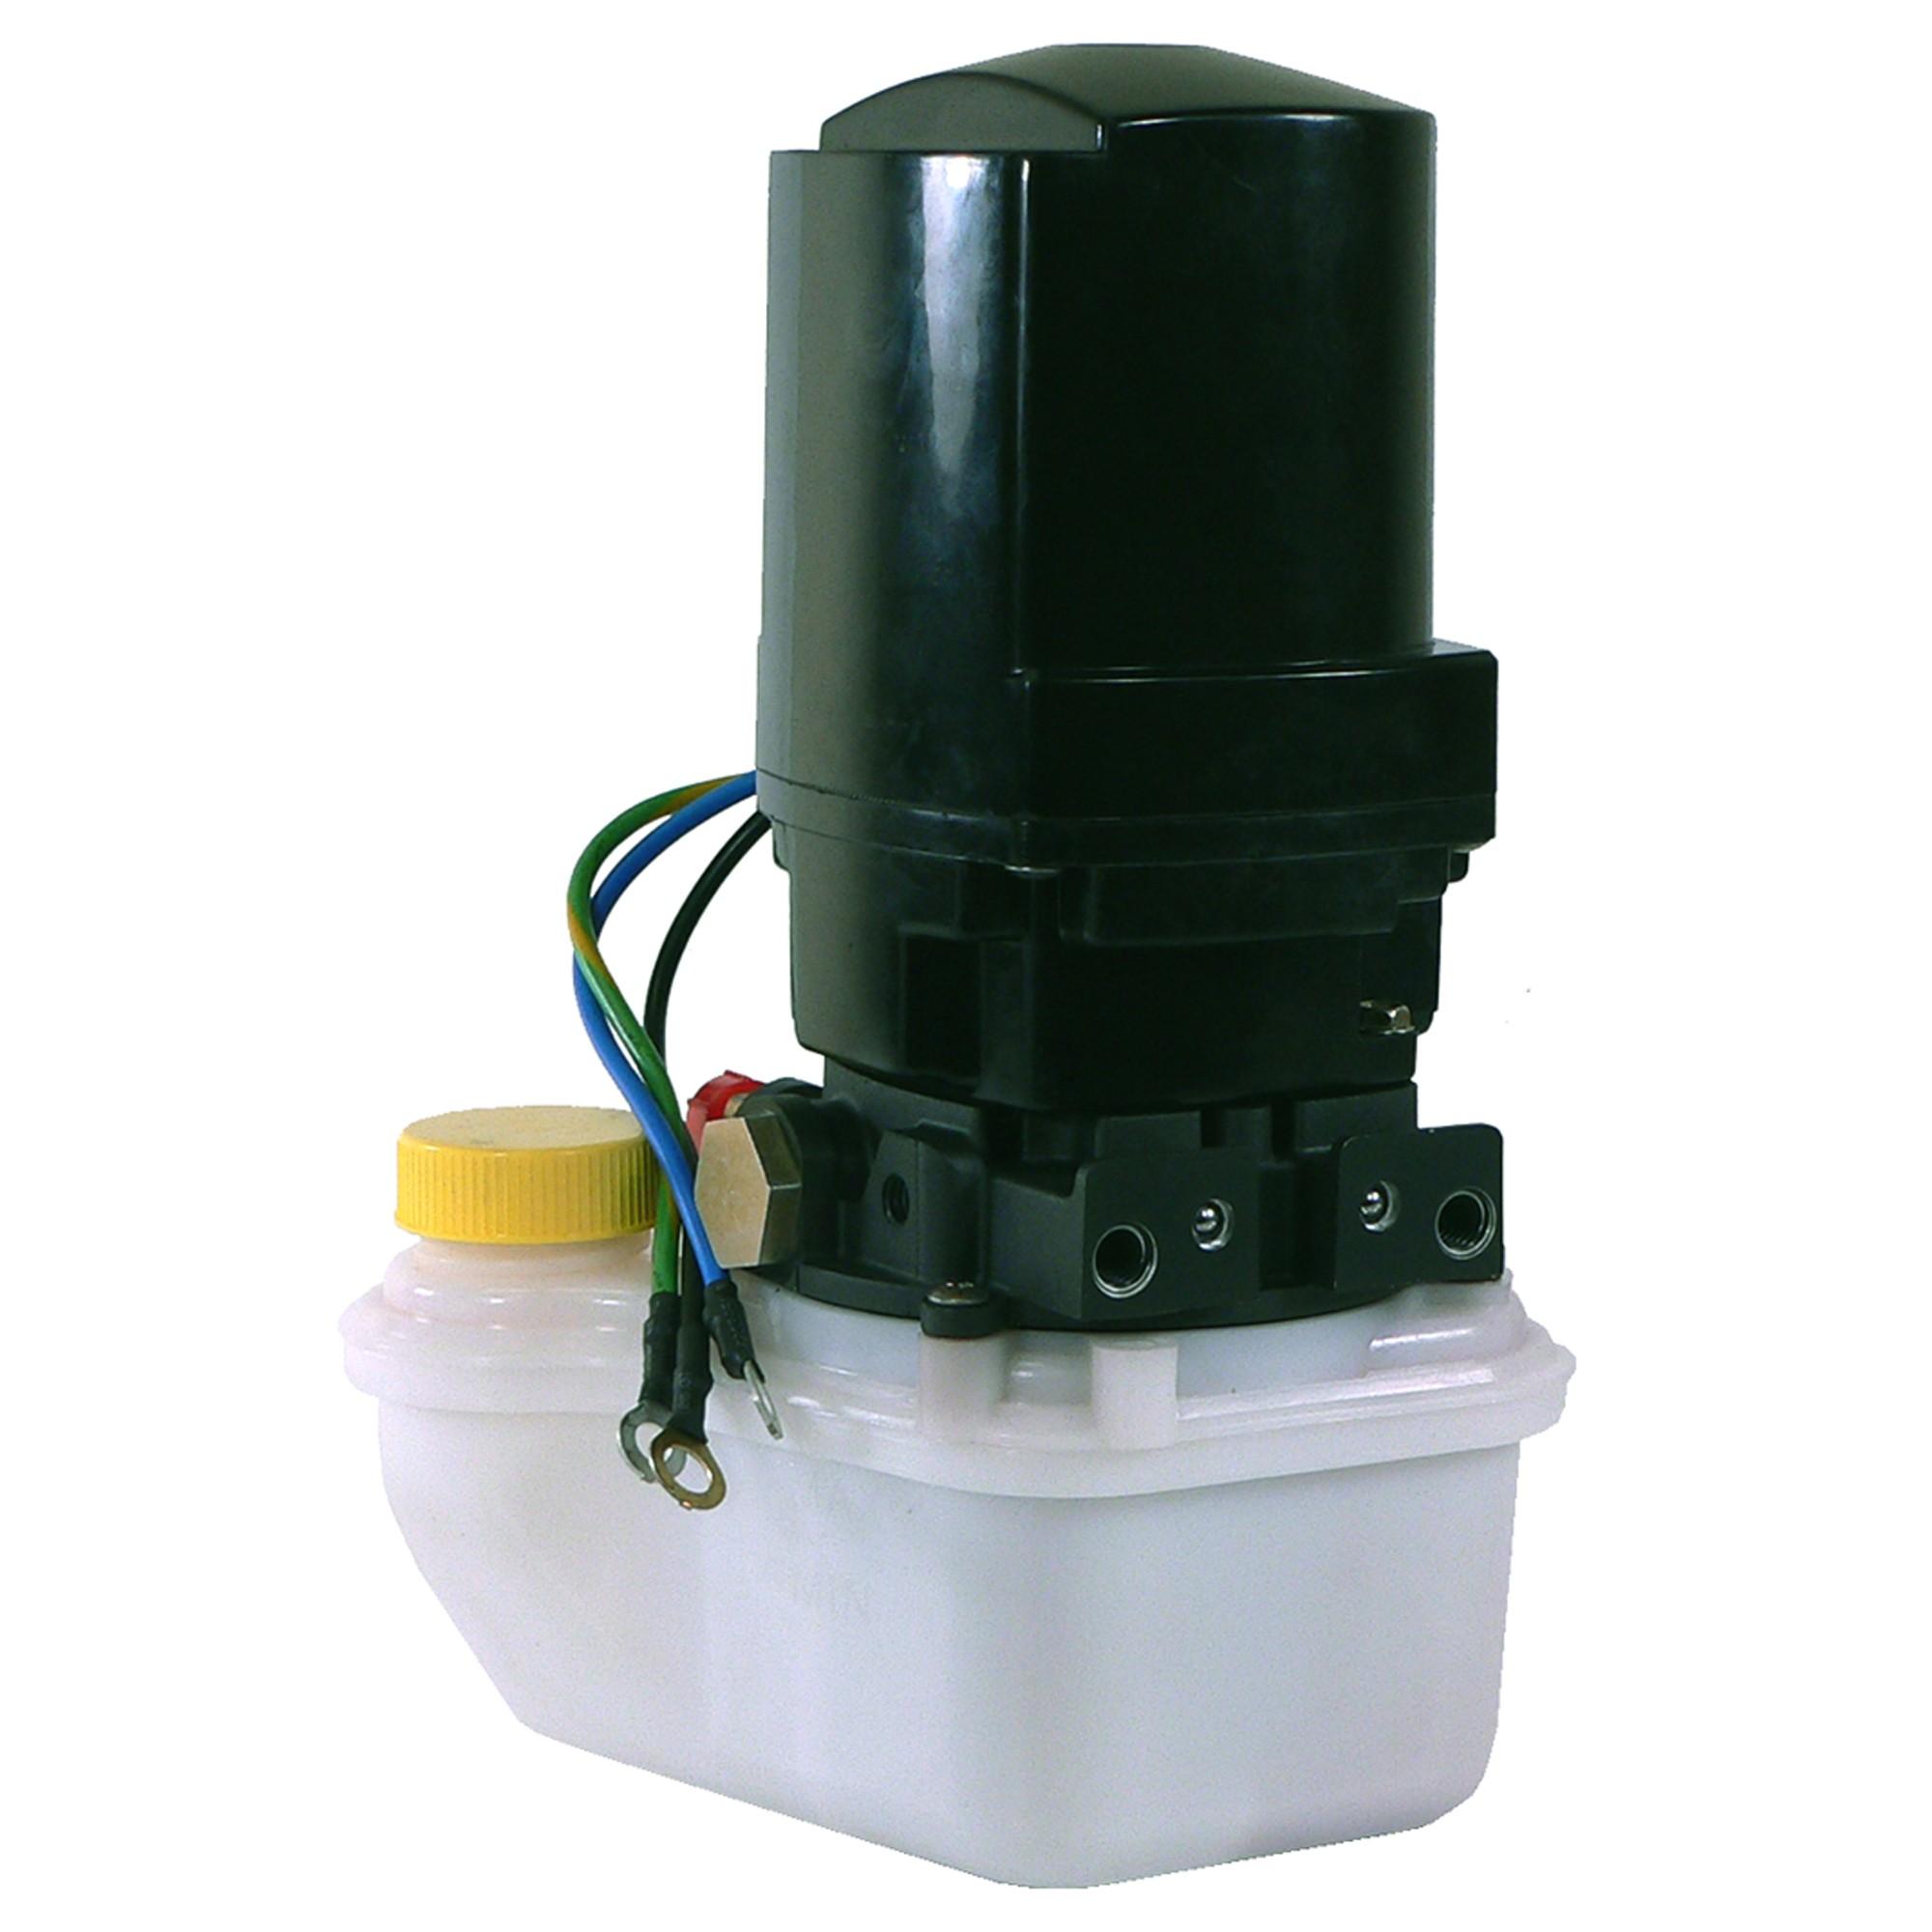 NEW TILT TRIM MOTOR for MERCRUISER w// Reservoir and Pump PT500N PT500N-2 18-6274